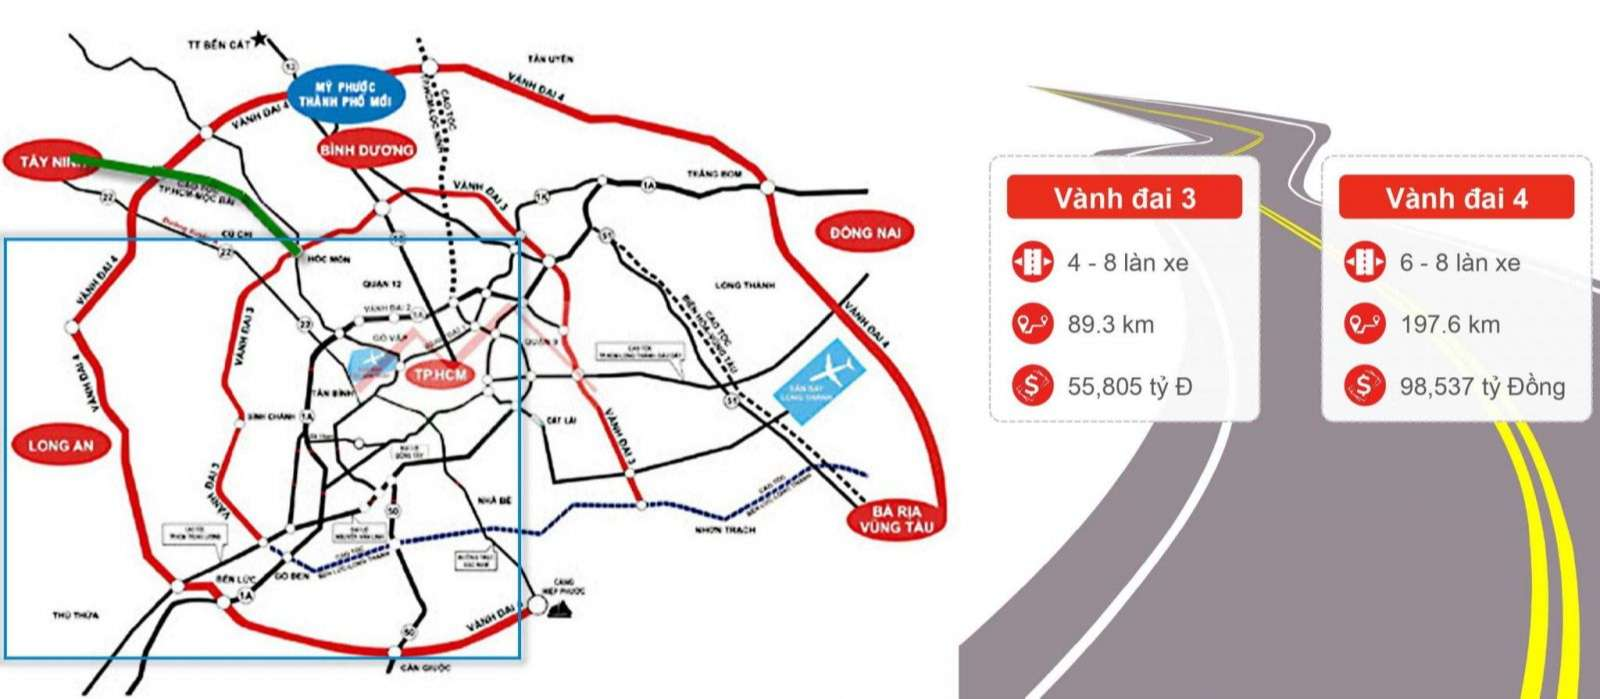 quy hoạch đường vành đai 3